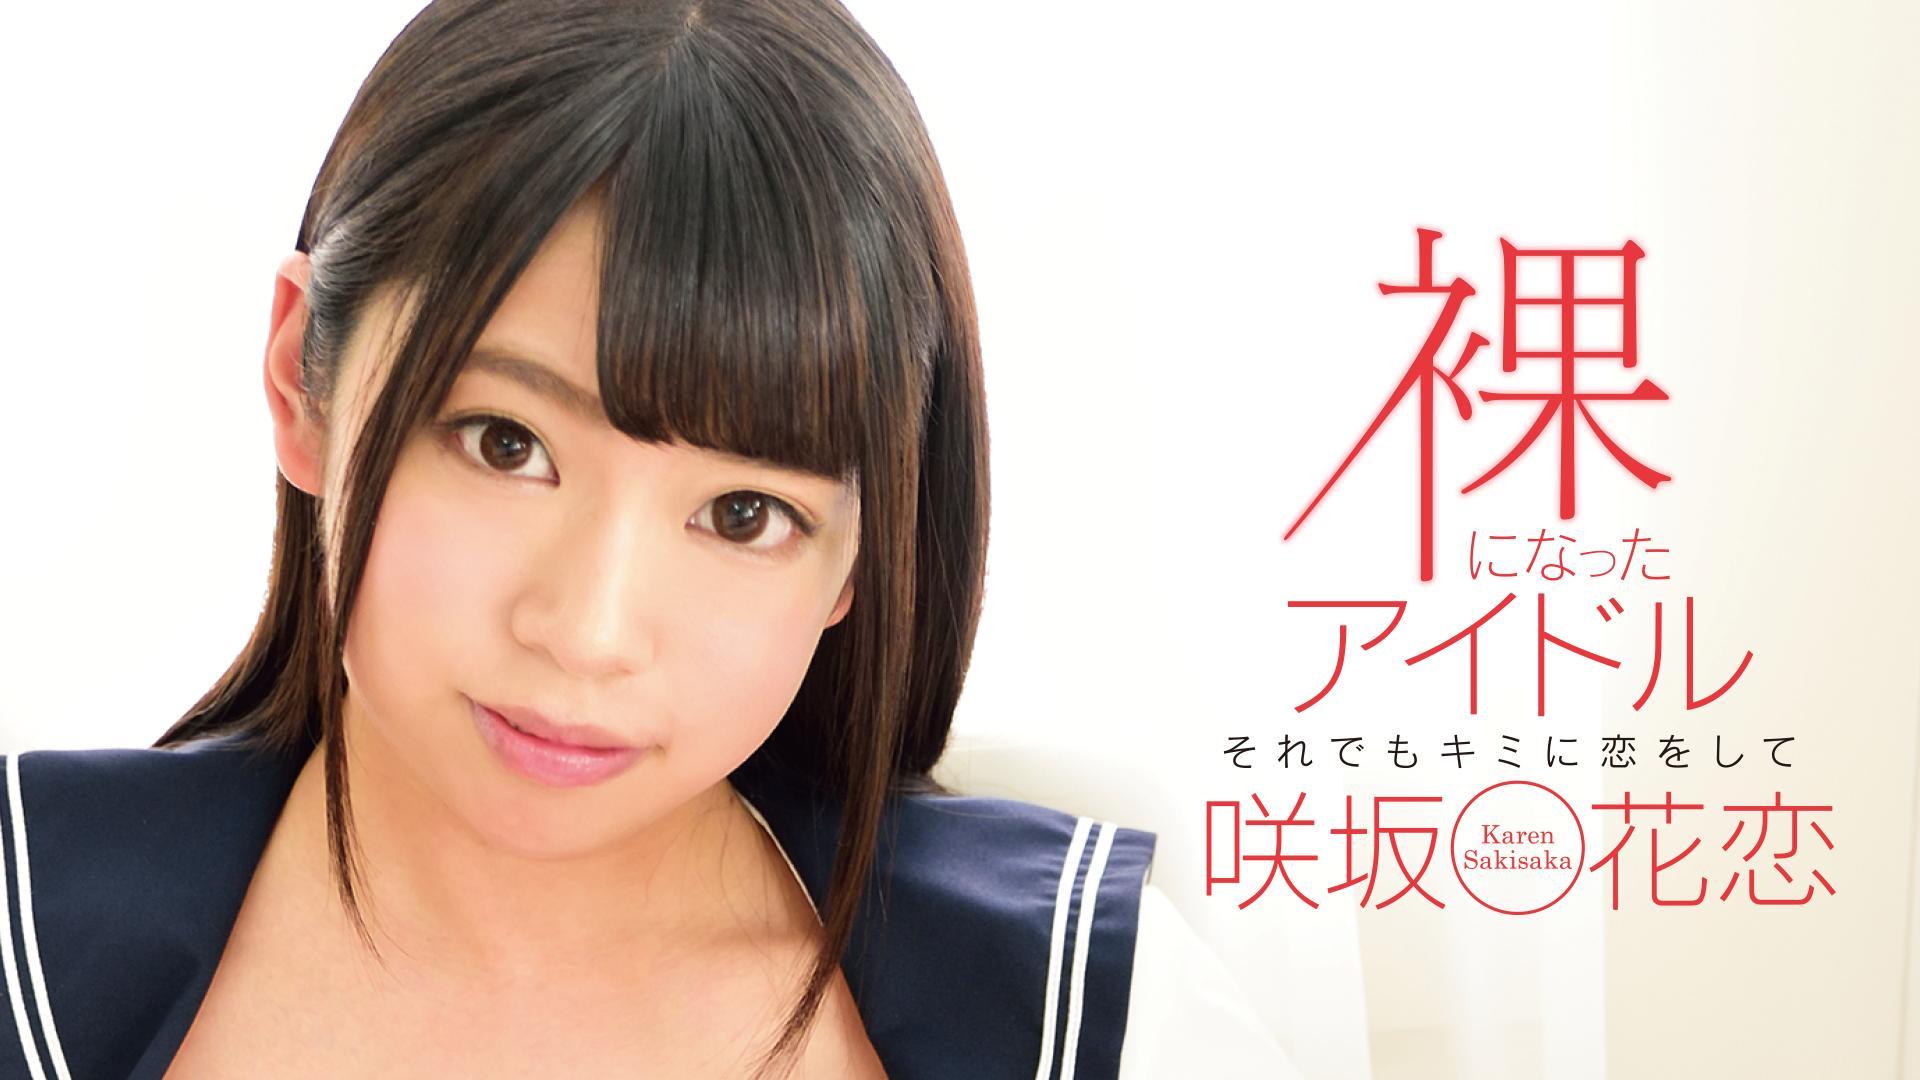 咲坂花恋『裸になったアイドル ~それでもキミに恋をして~』